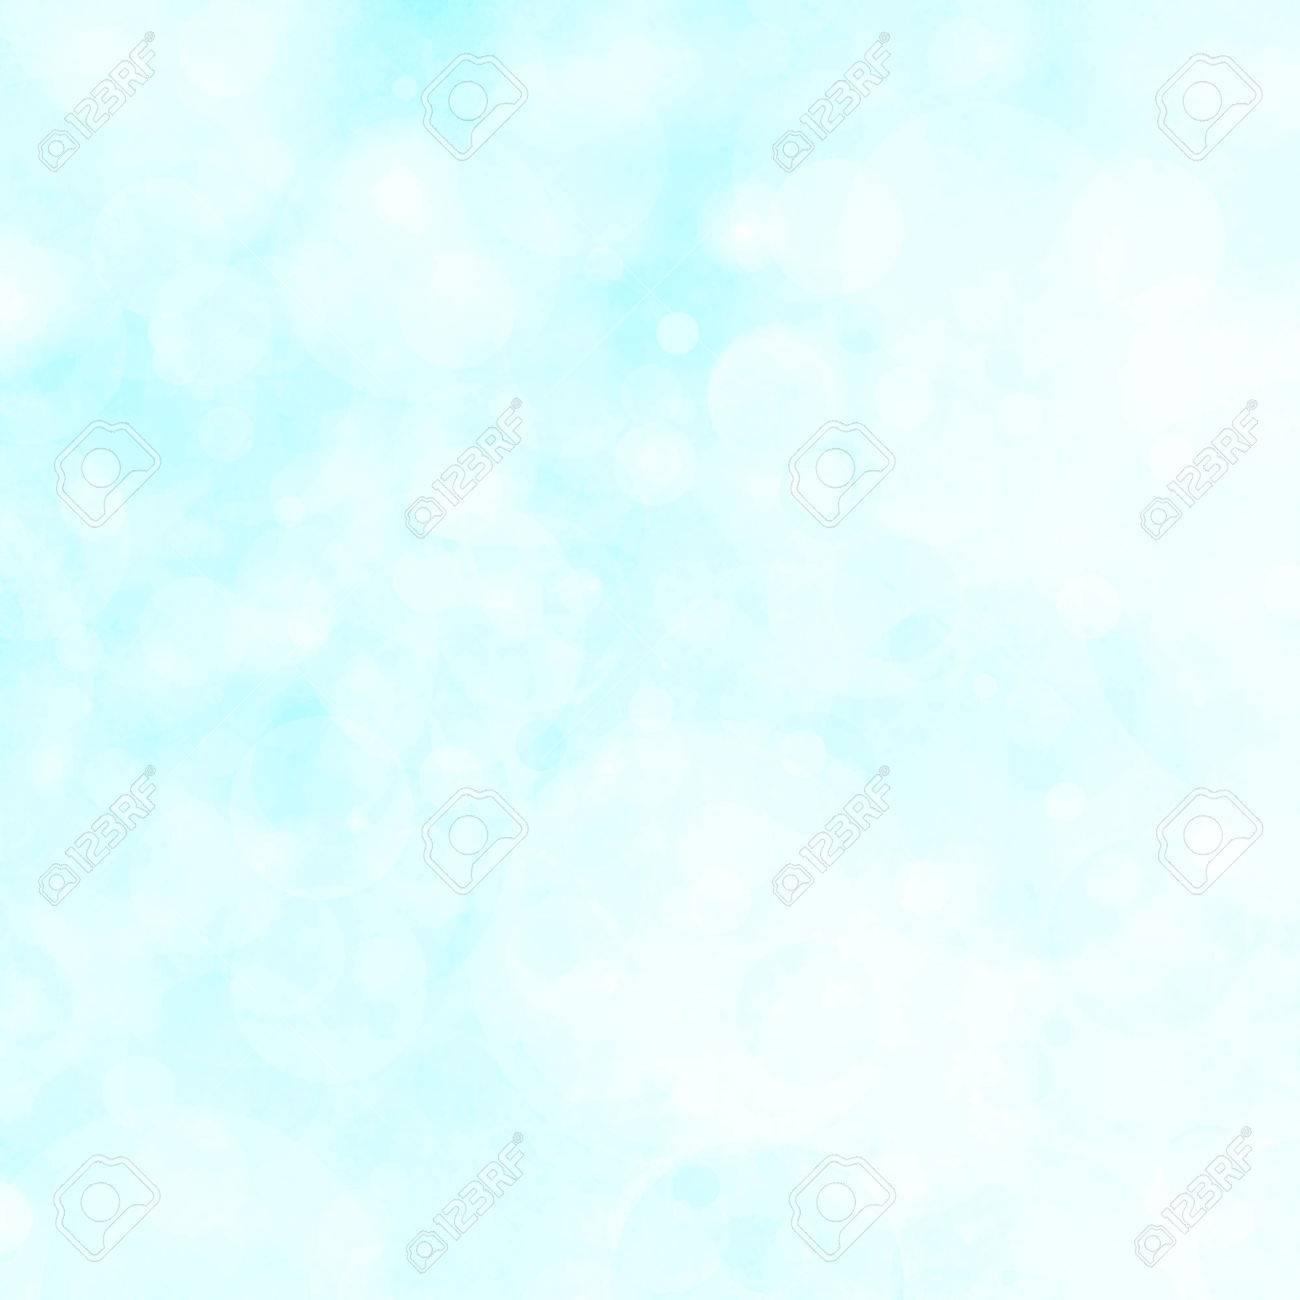 Lumières Blanches Boken De Fond Sur Fond Bleu Ciel Floue Floue